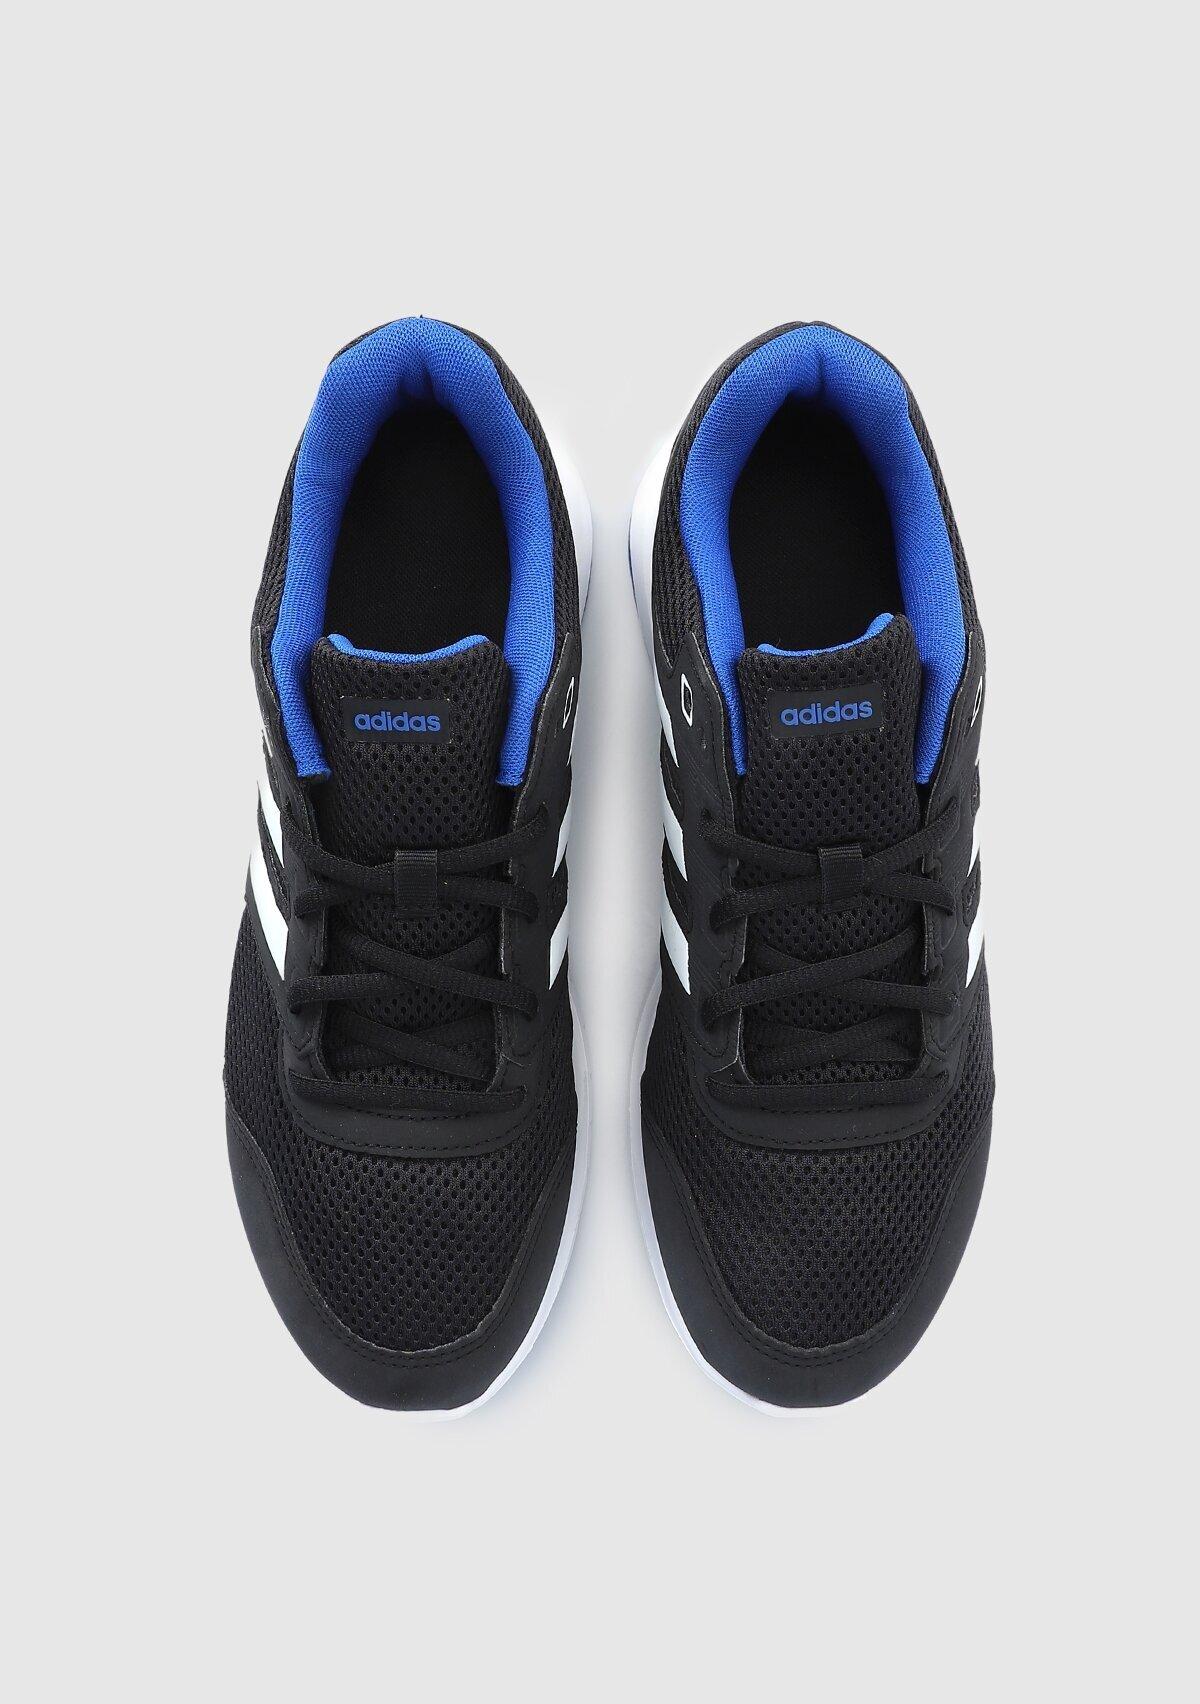 resm Duramo Lite Siyah Erkek Koşu Ayakkabısı Fv6057